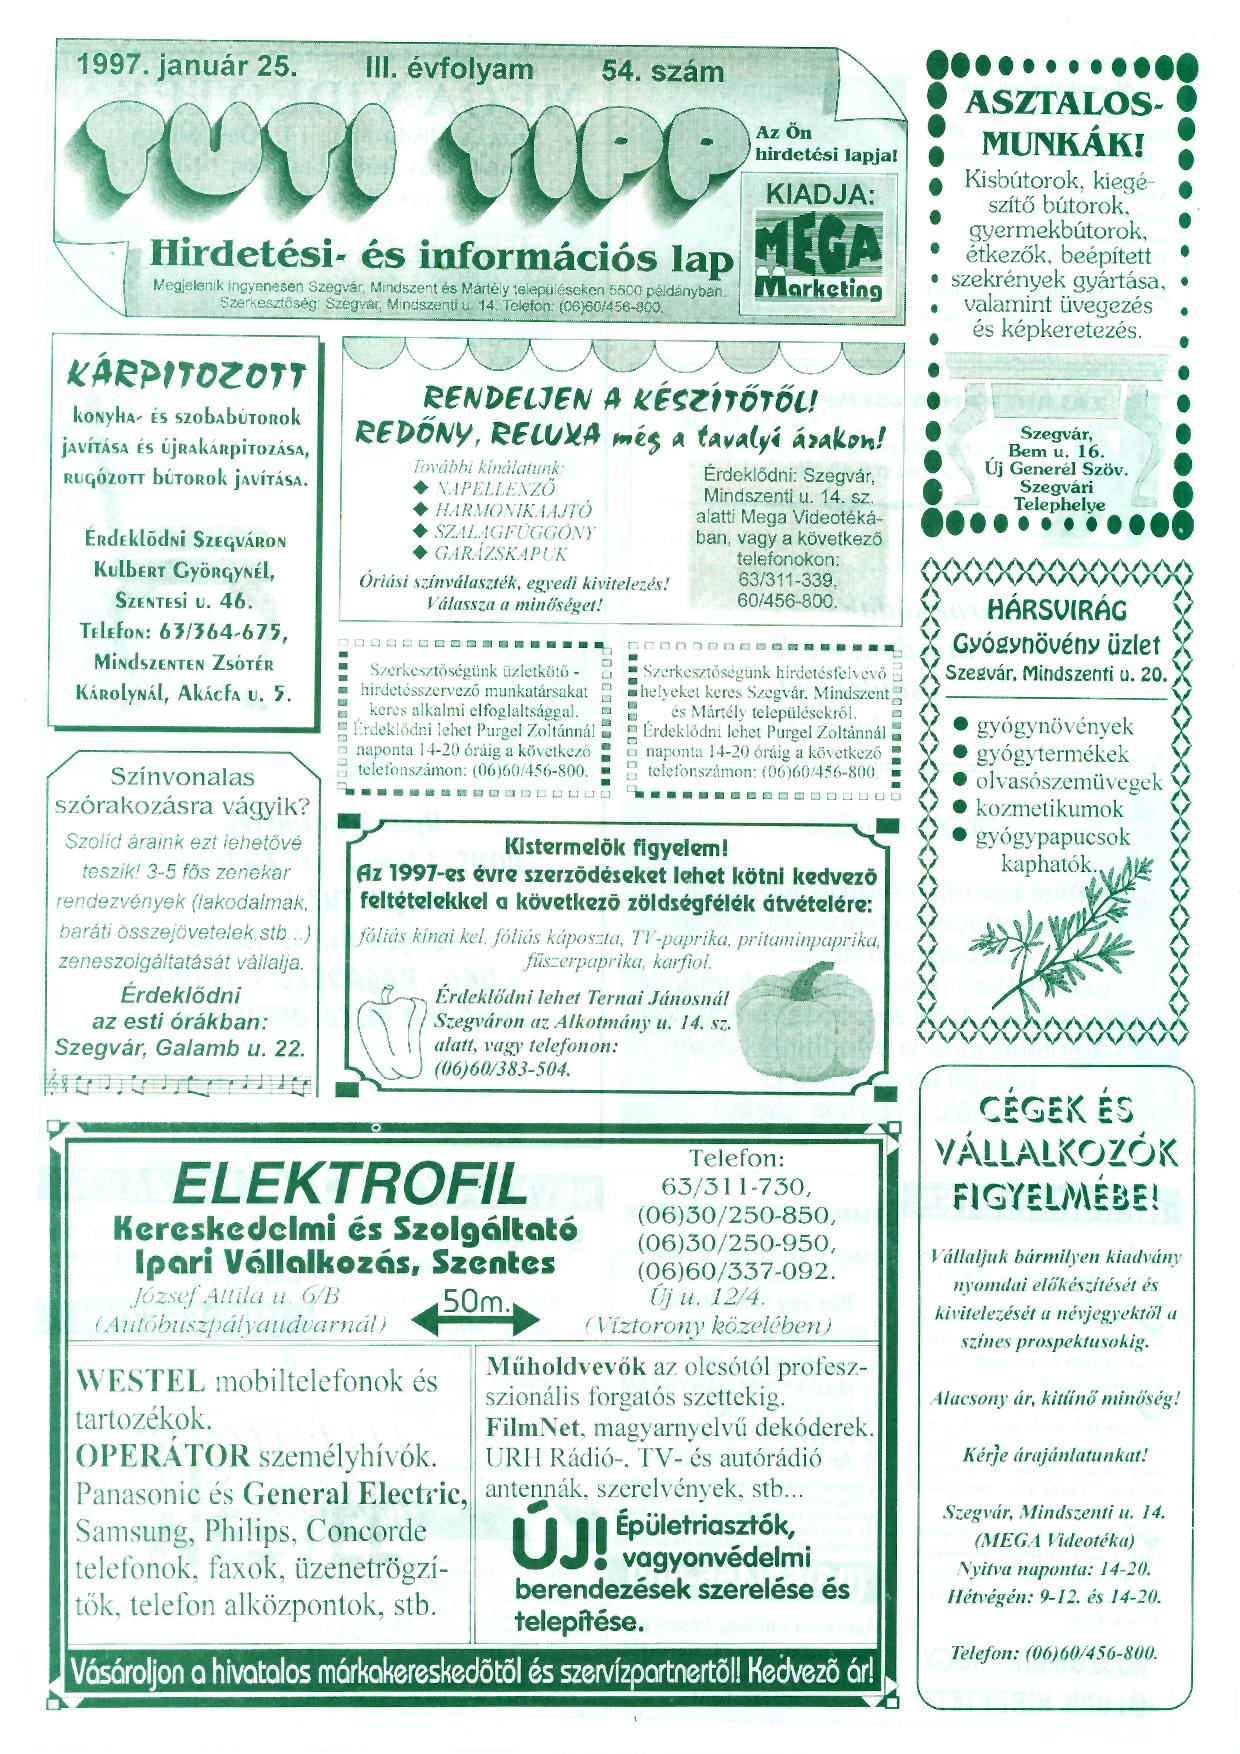 001 Tuti Tipp reklámújság - 19970125-054. lapszám - 1.oldal - III. évfolyam.jpg